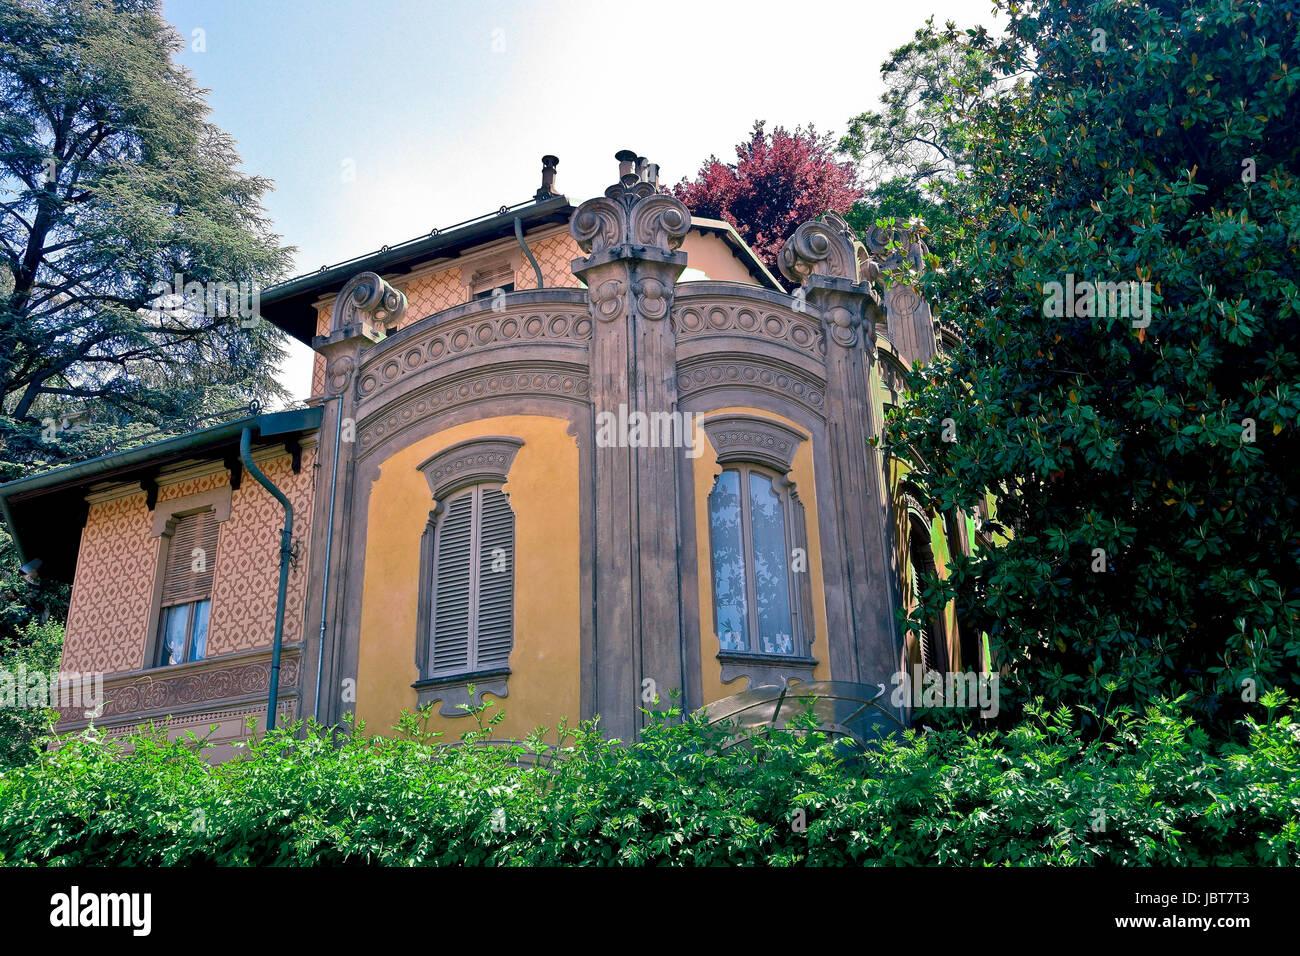 Villa Scott, stile liberty. Posizione filmato per film profondo rosso di Dario Argento. Crimea borough, Po borough. Immagini Stock